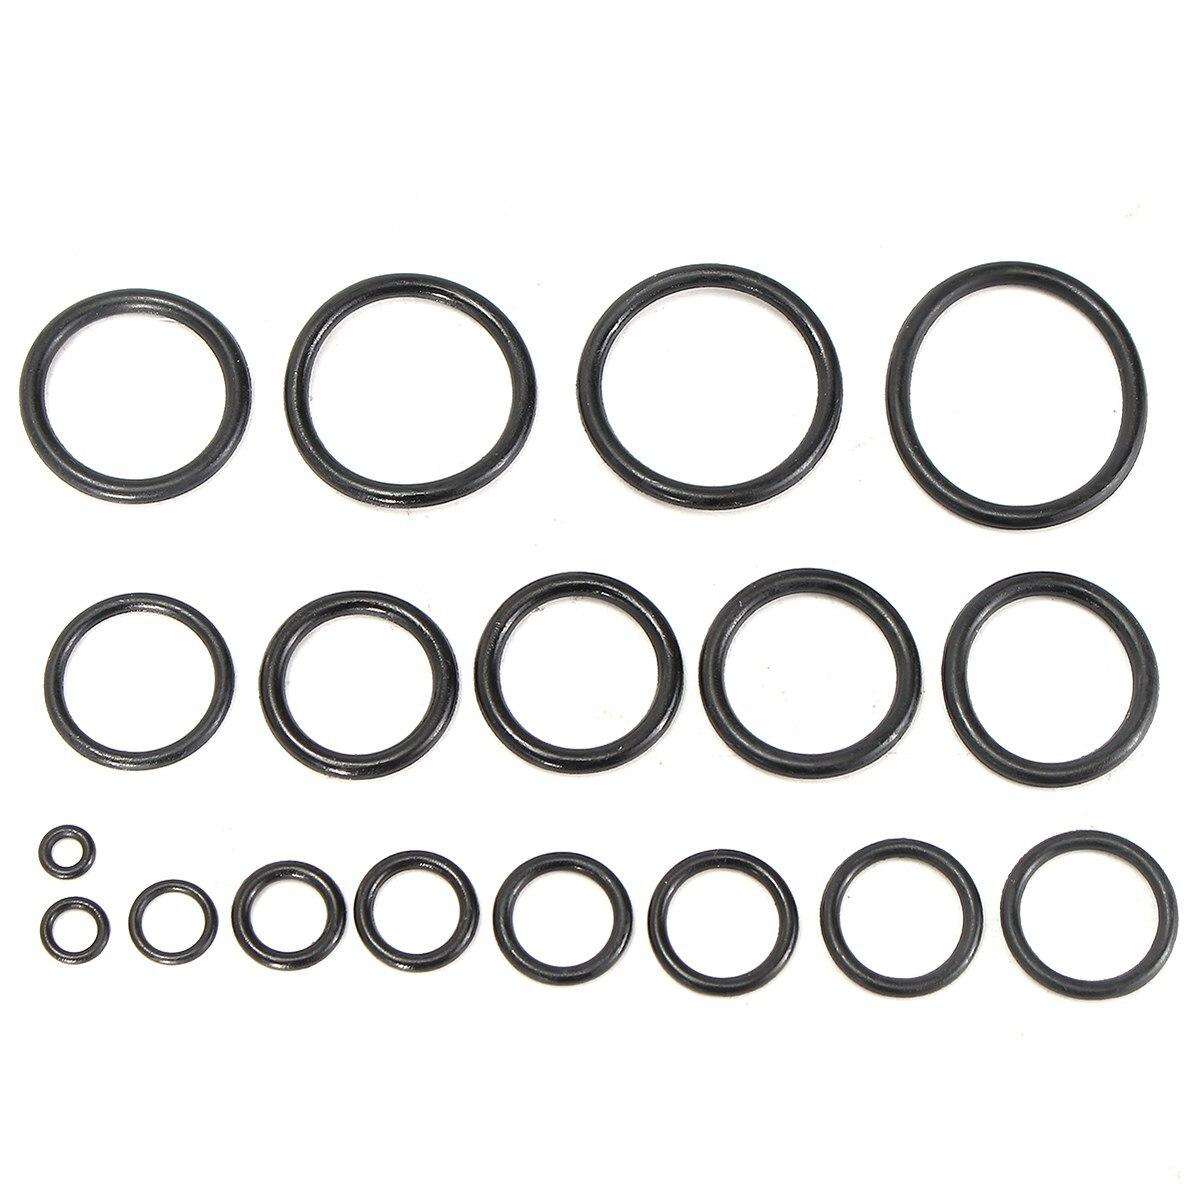 Rubber O Rings 220pc Tap Gasket Seal Plumbing Washer Set Metric ...